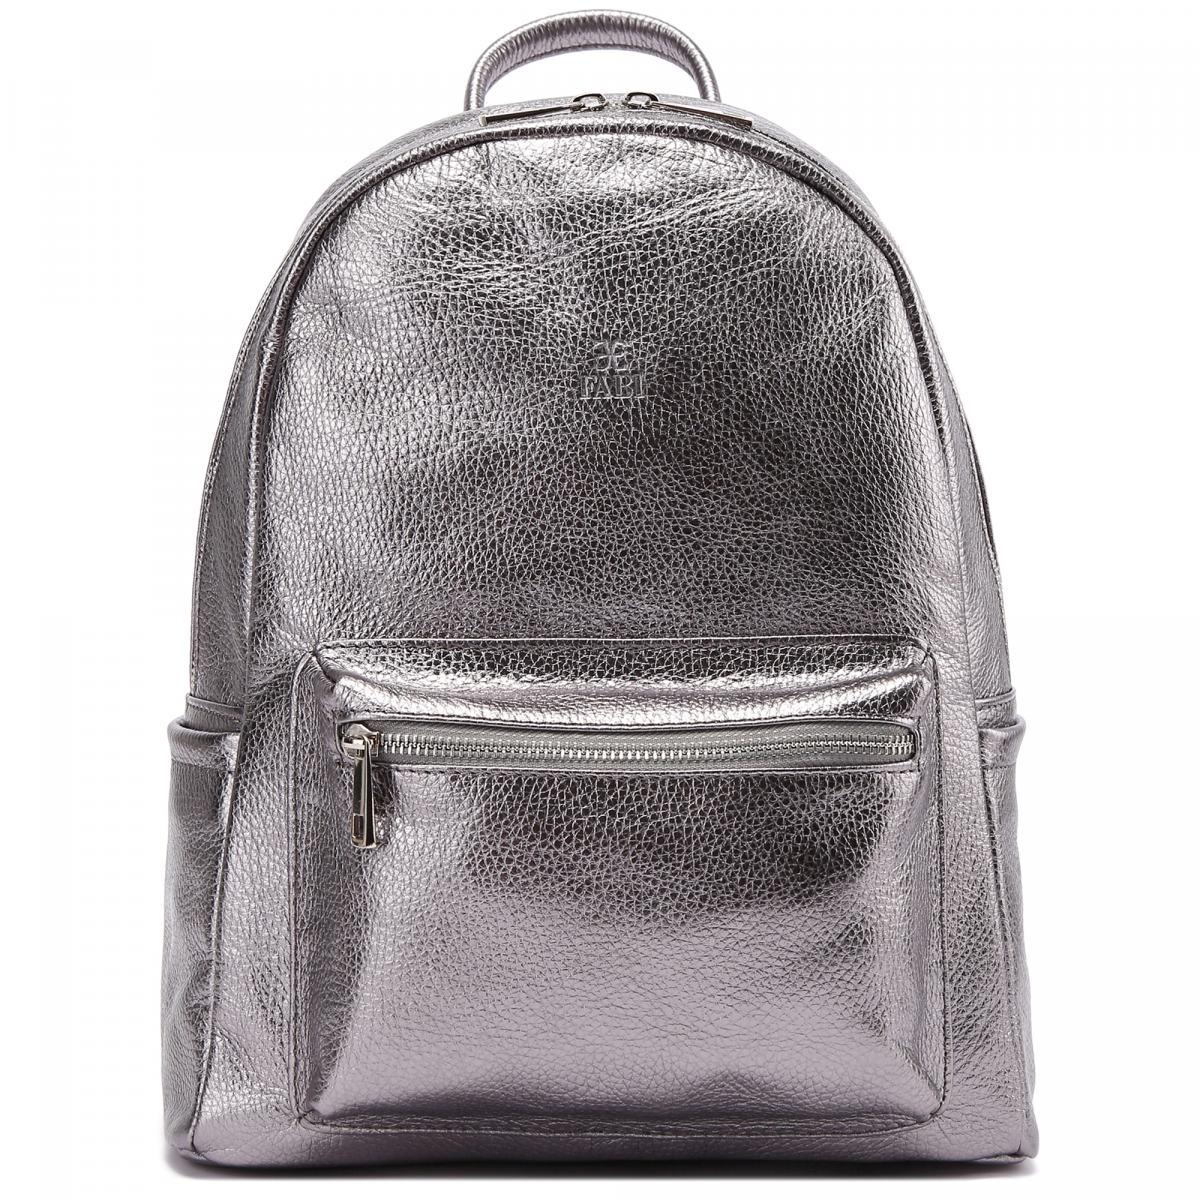 Рюкзак Fabi серебрянного цвета